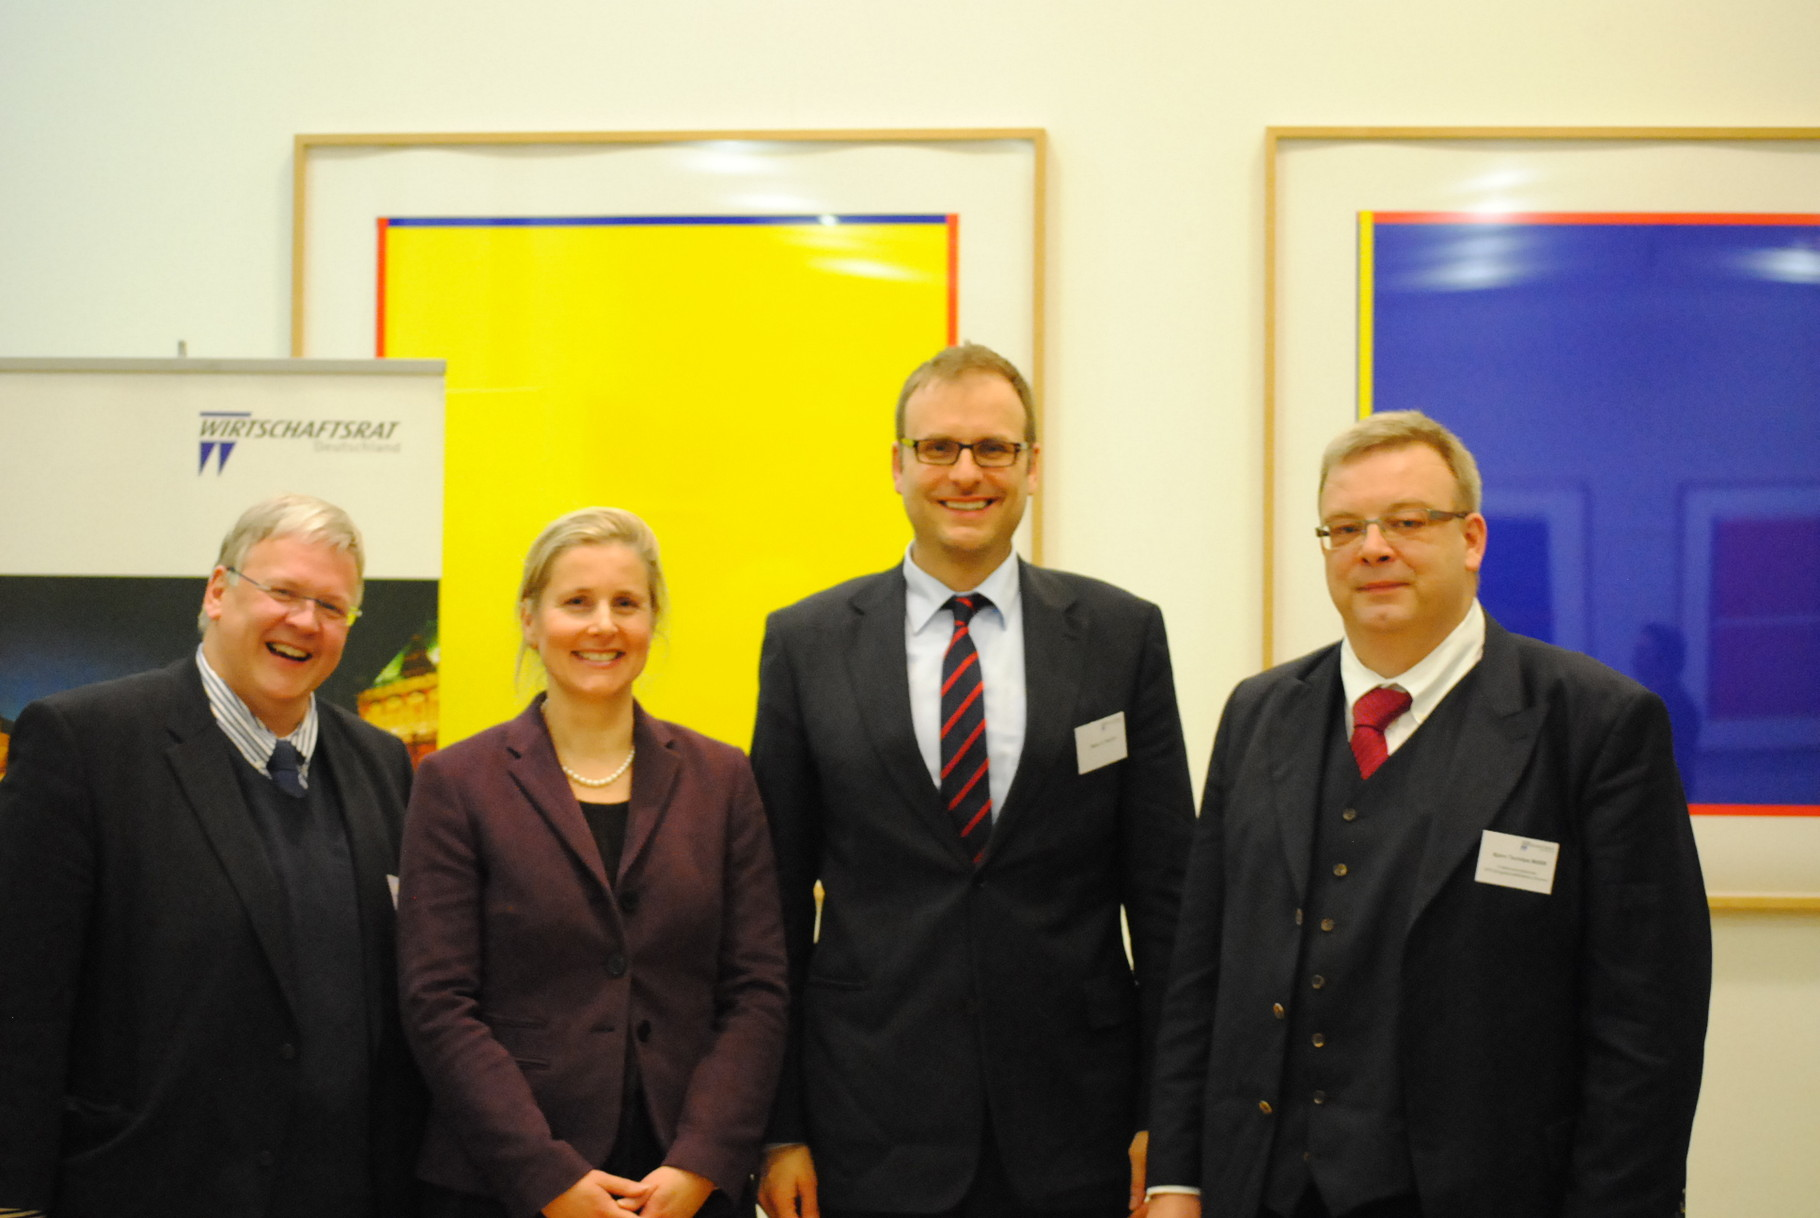 Bausenator a.d. Jens Eckhoff, Wirtschaftsratsvorsitzende Imke Goller Wilberg und SPD-Fraktionschef Björn Tschöpe